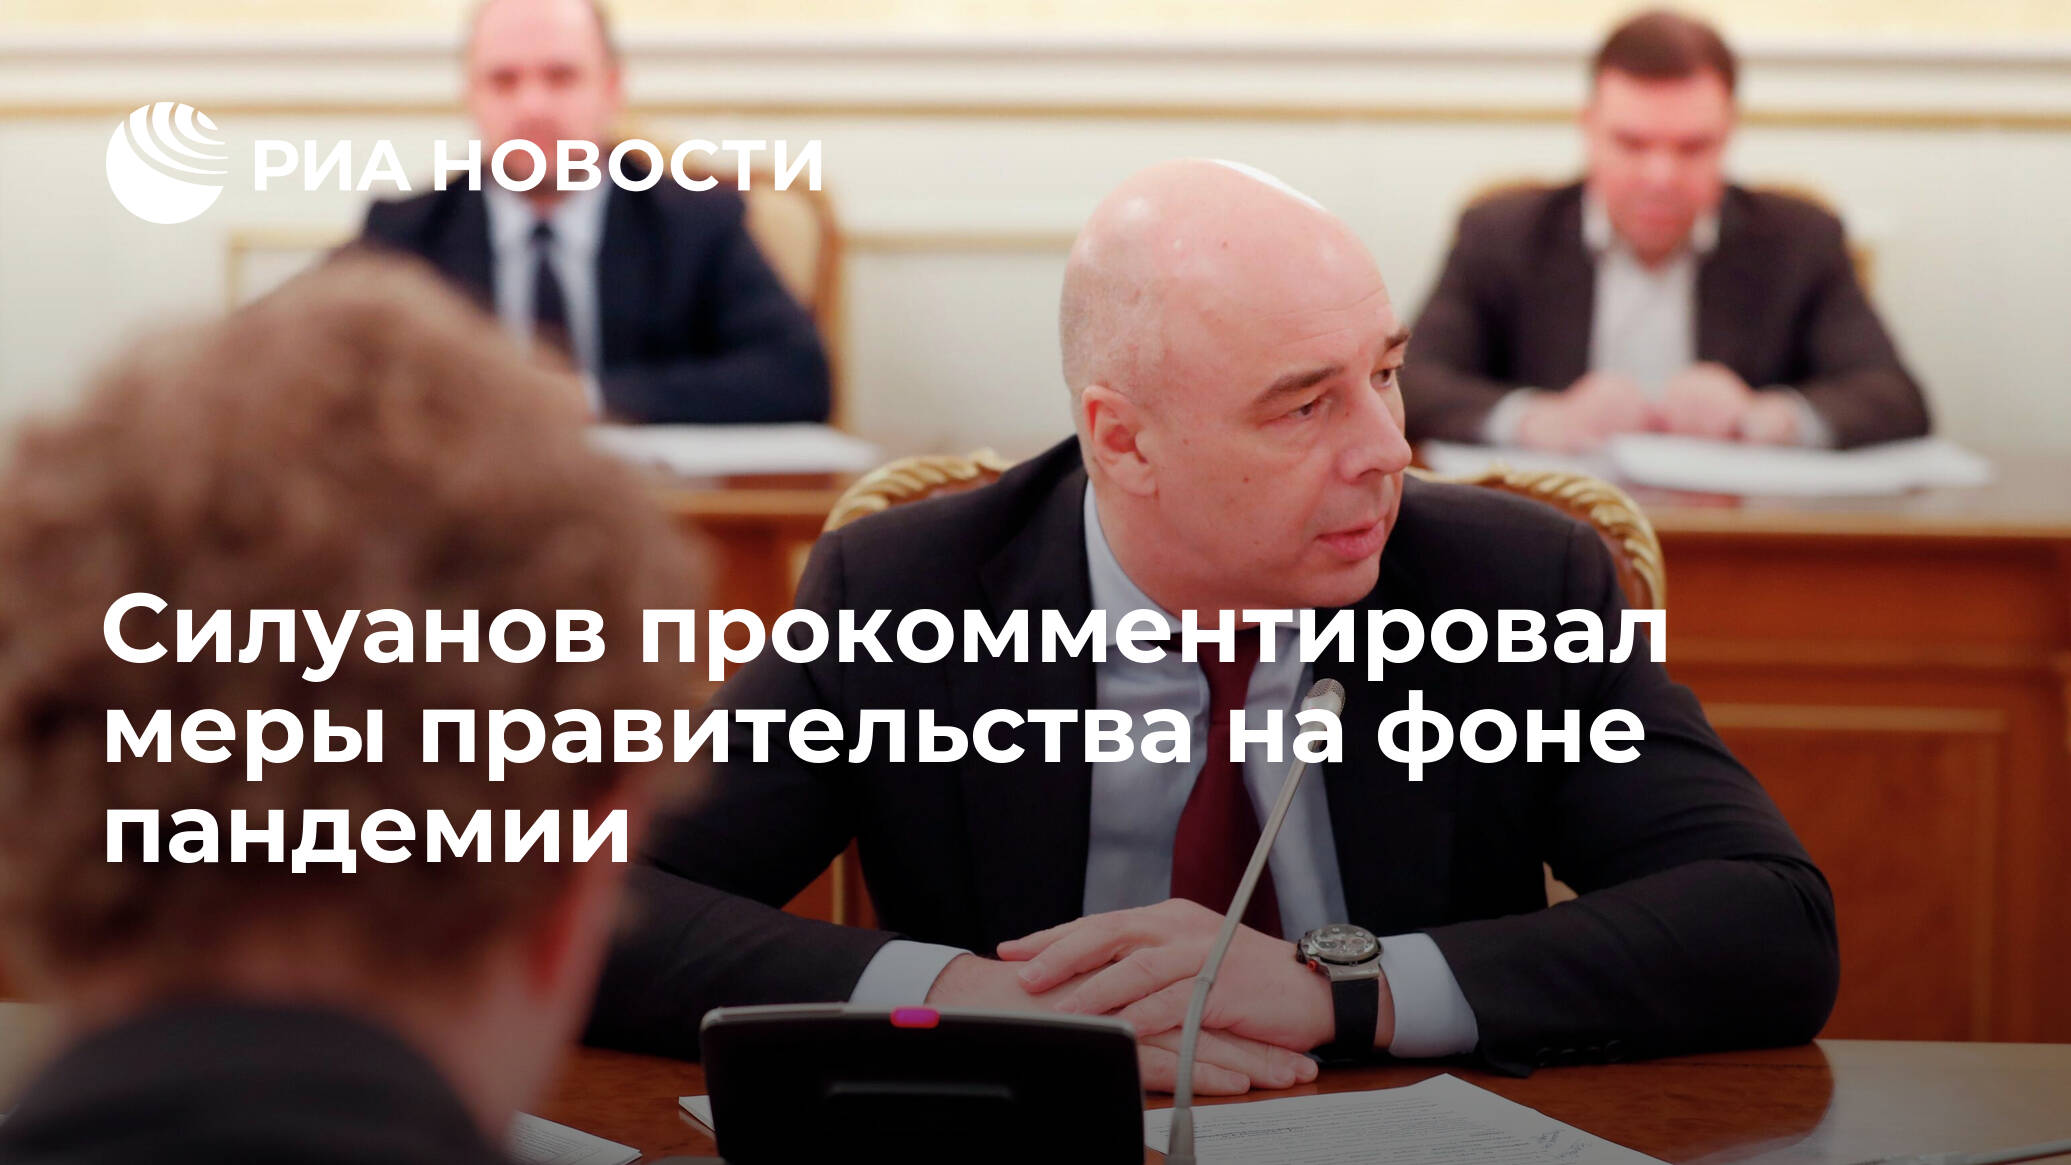 Силуанов прокомментировал меры правительства на фоне пандемии